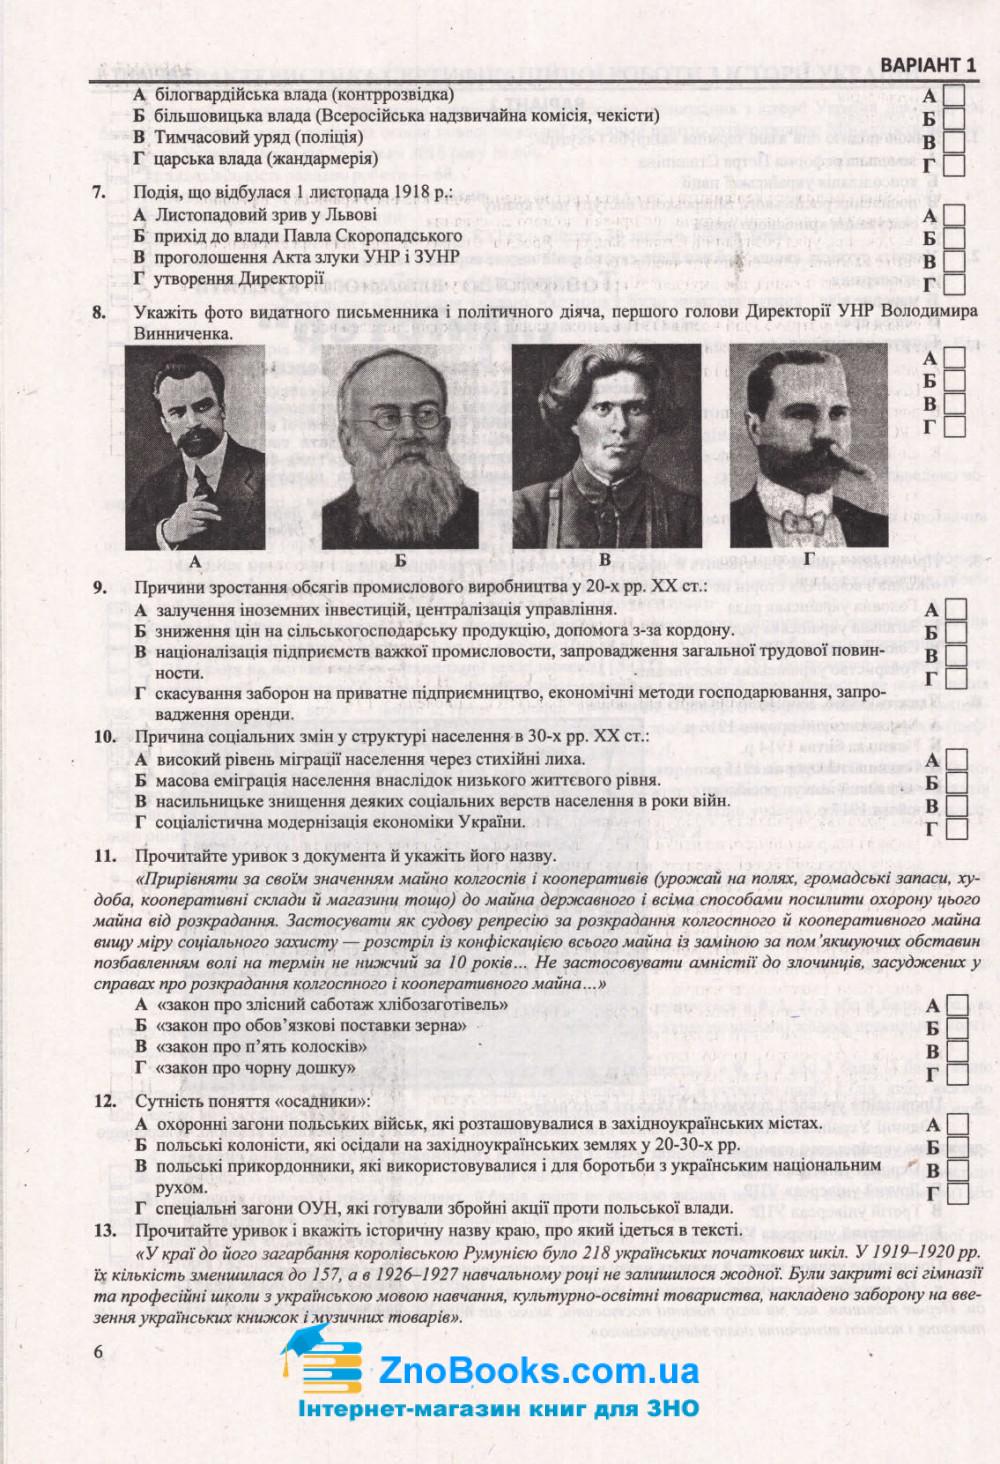 ЗНО 2022 Історія України. Тренажер : Панчук І. Підручники і посібники. купити  6